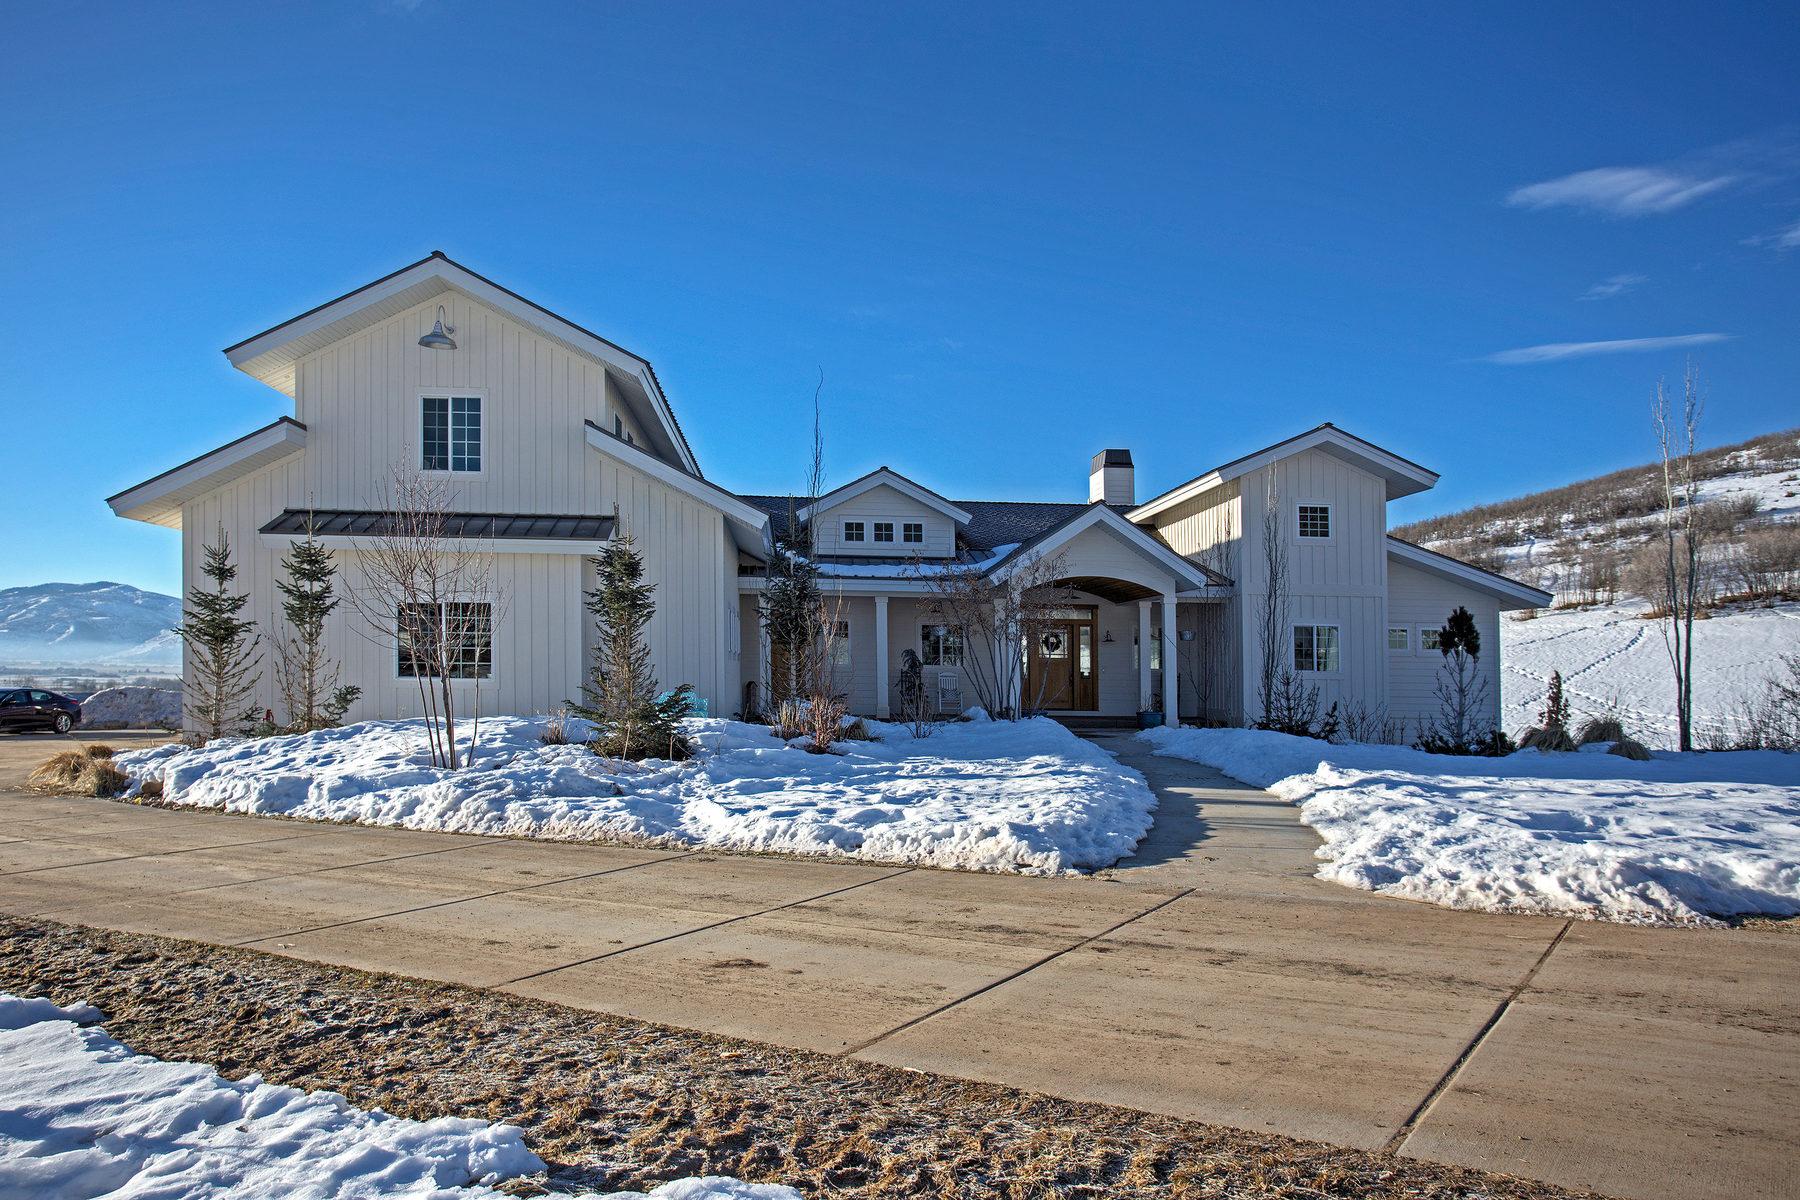 Casa Unifamiliar por un Venta en Custom home on 2.76 acre ranch in Midway 566 E Saddle Dr Midway, Utah, 84049 Estados Unidos